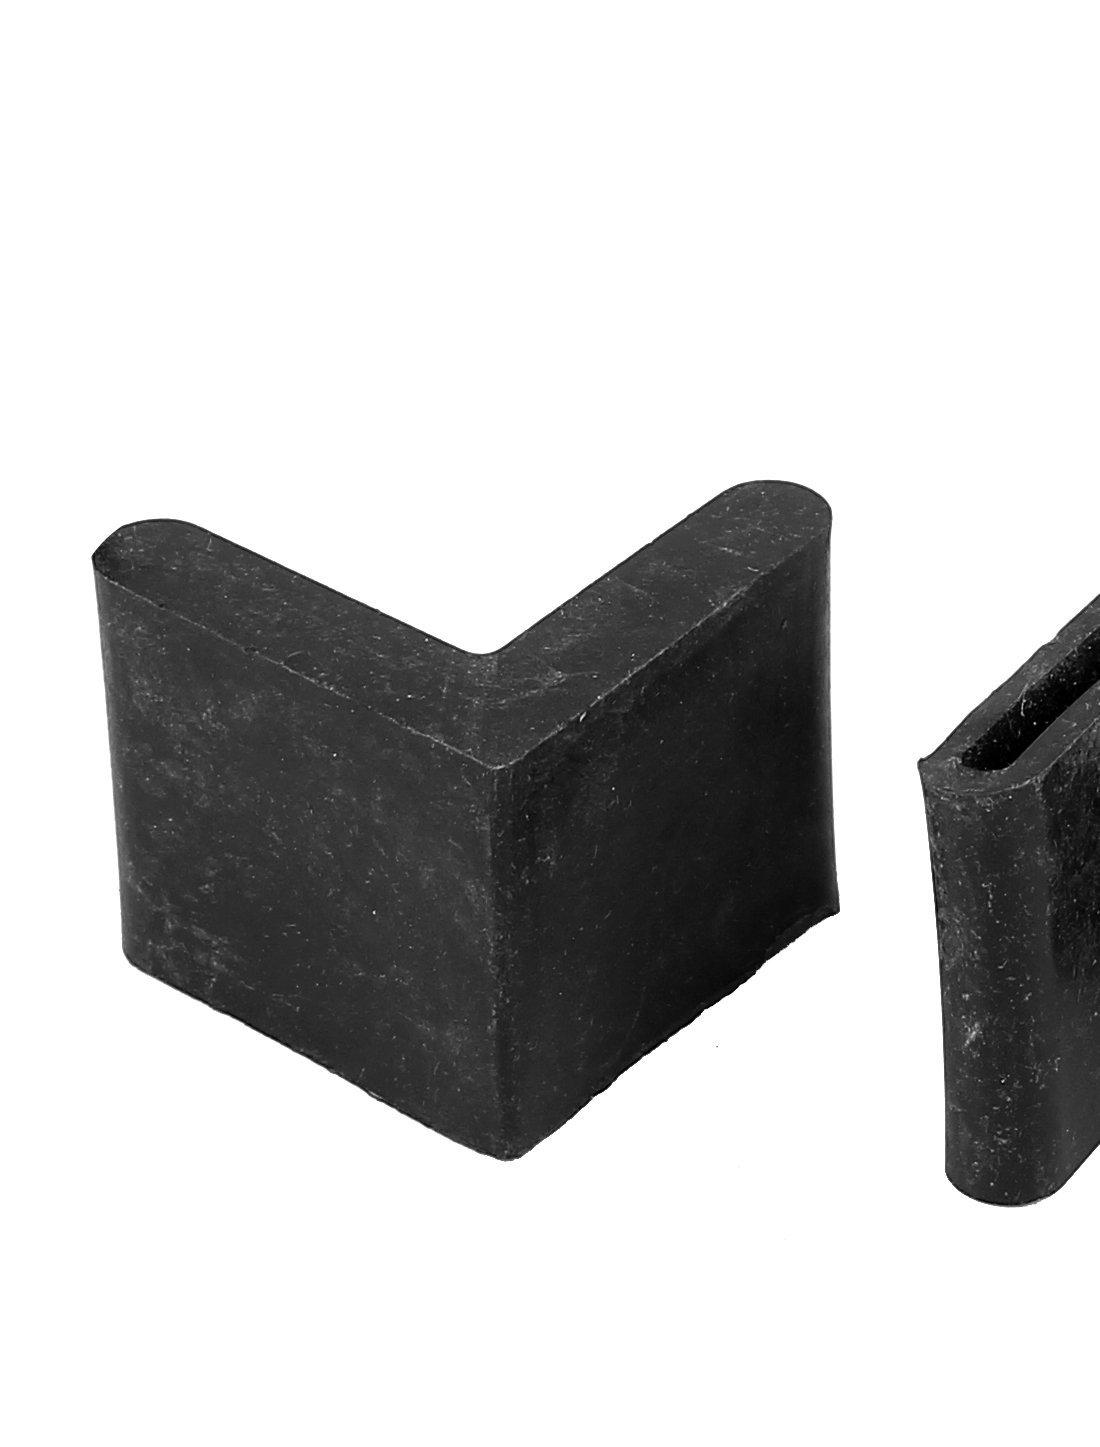 Amazon.com: eDealMax Caucho Triángulo de muebles Protección ...